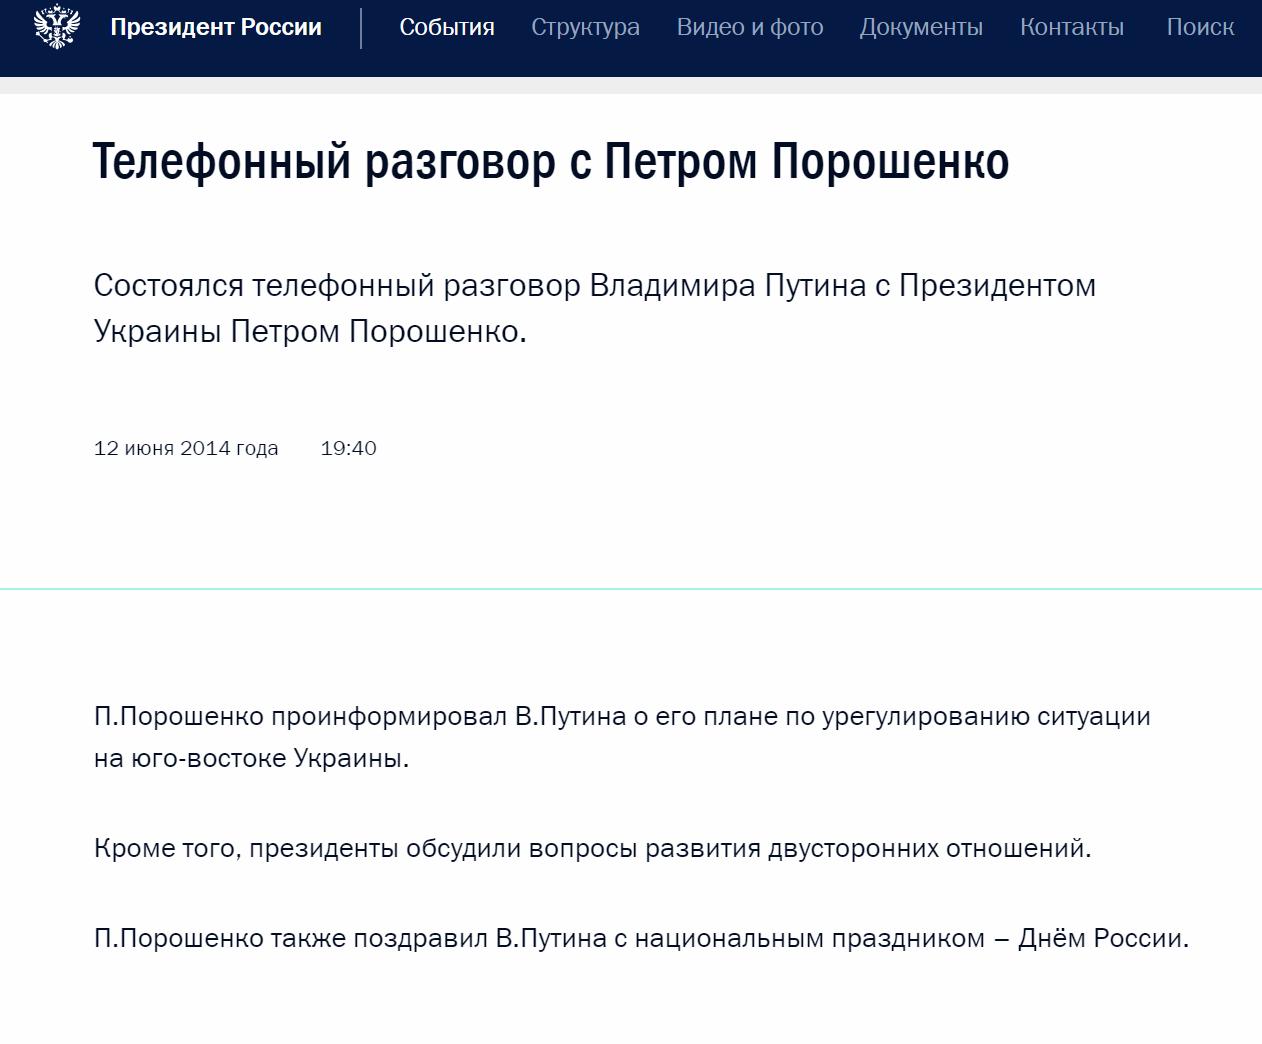 Порошенко та Верещук посварилися у прямому ефірі через День Росії